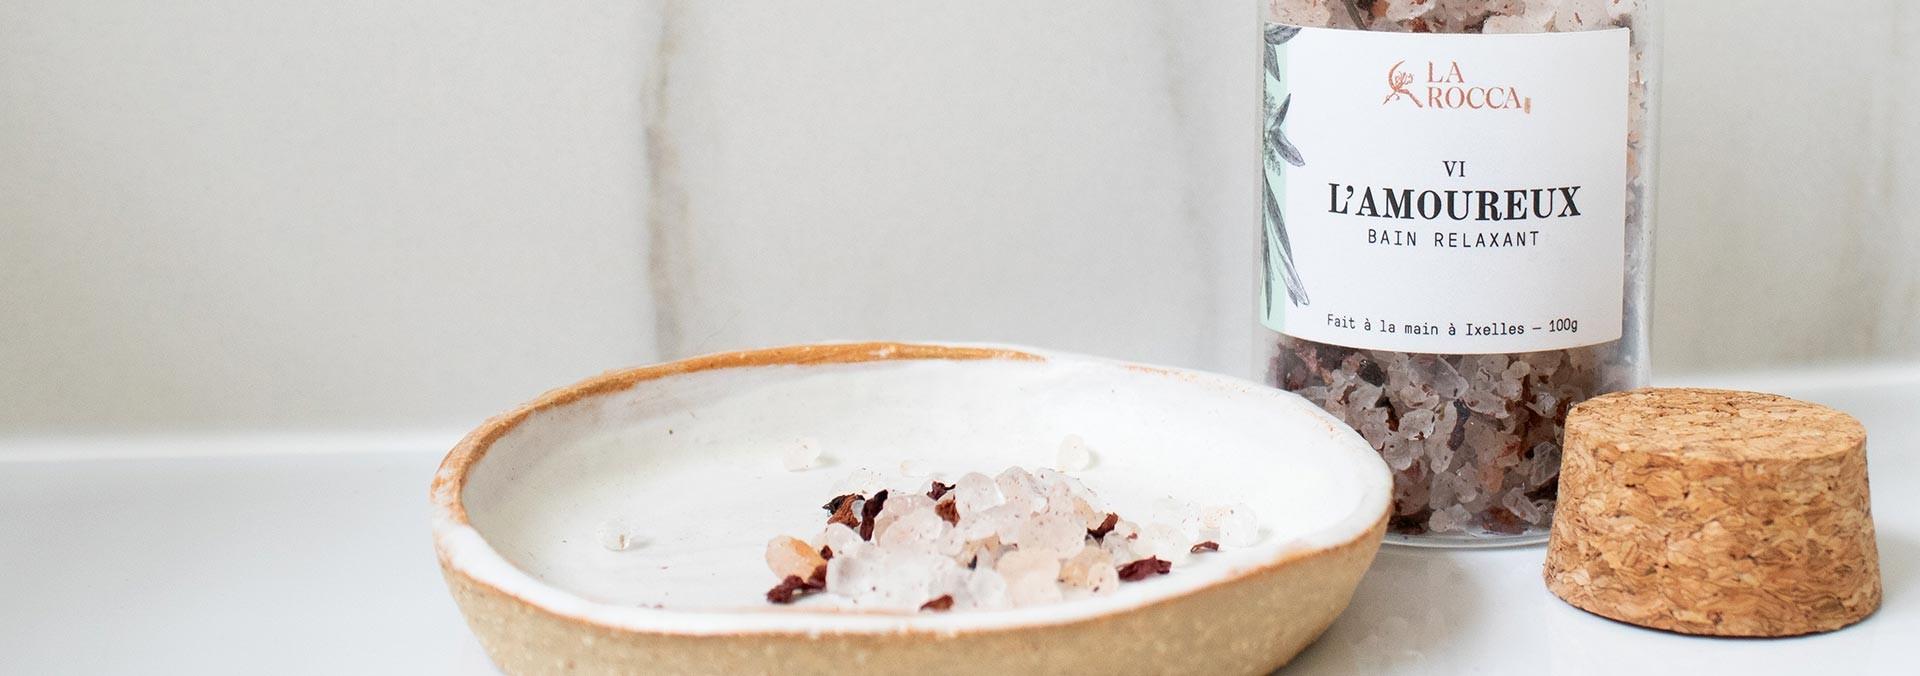 nouveautés sels de bain La Rocca